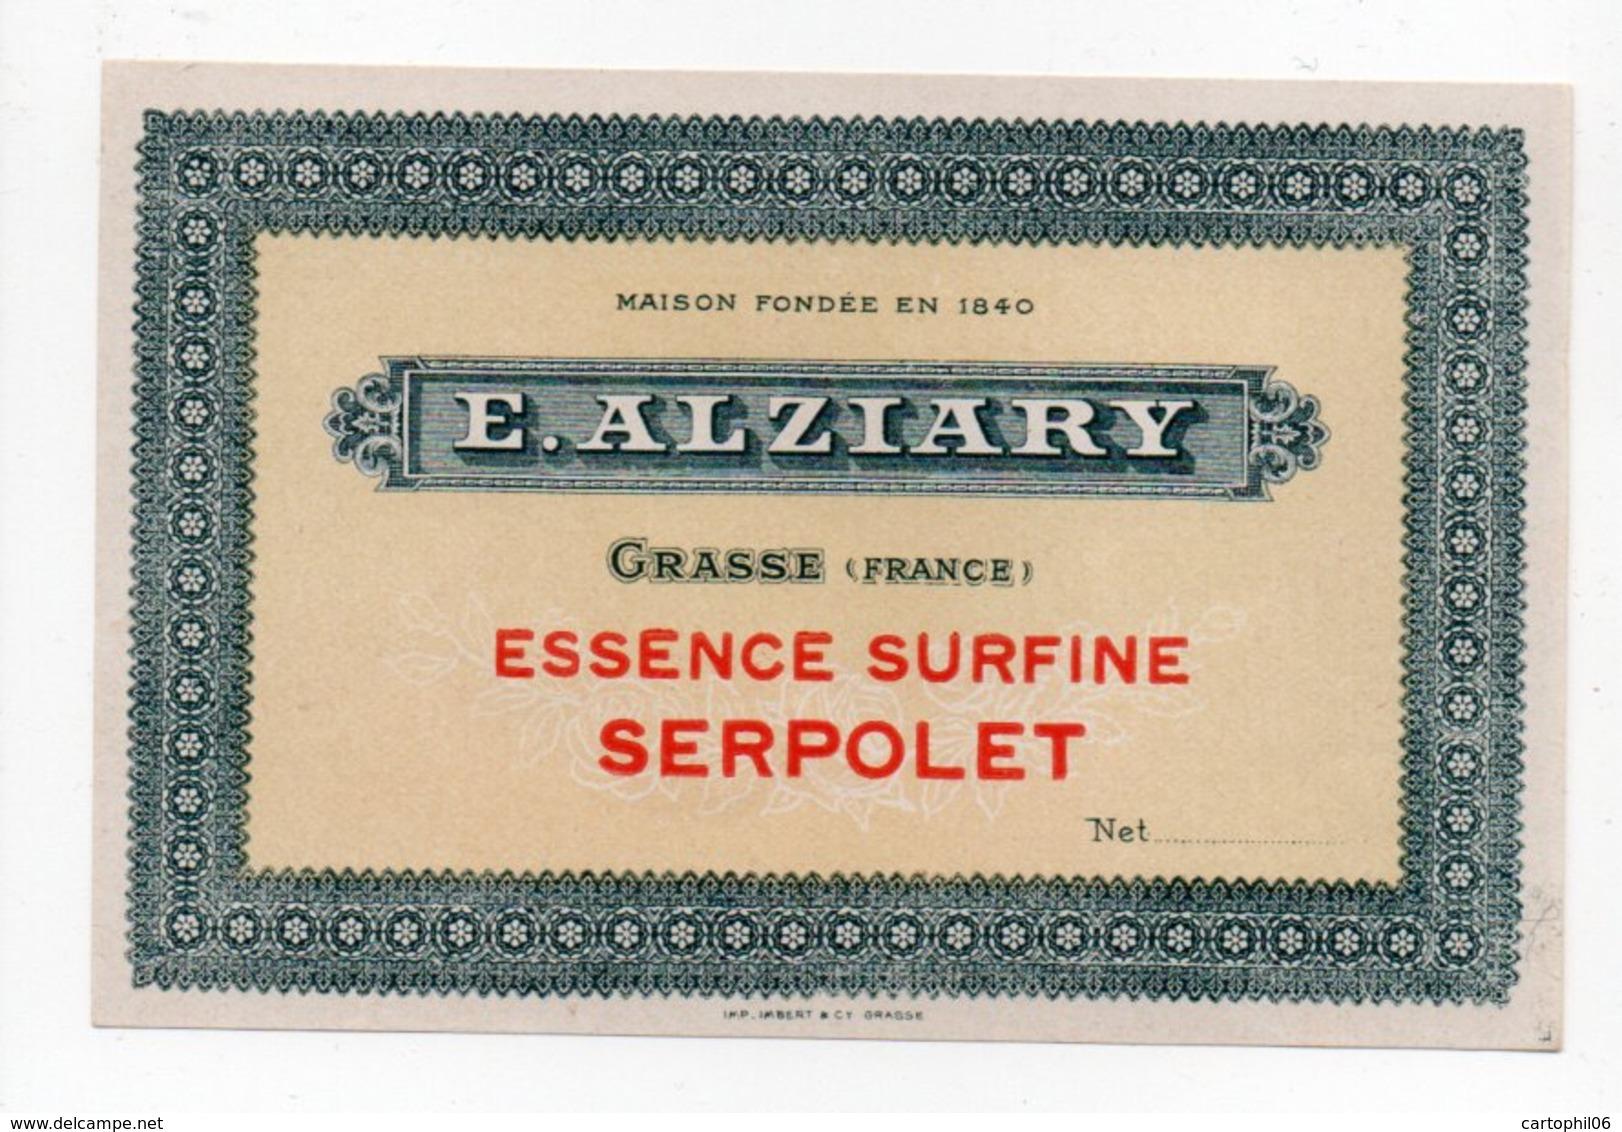 - PARFUMERIE - E. ALZIARY - GRASSE - ESSENCE SURFINE SERPOLET - - Labels